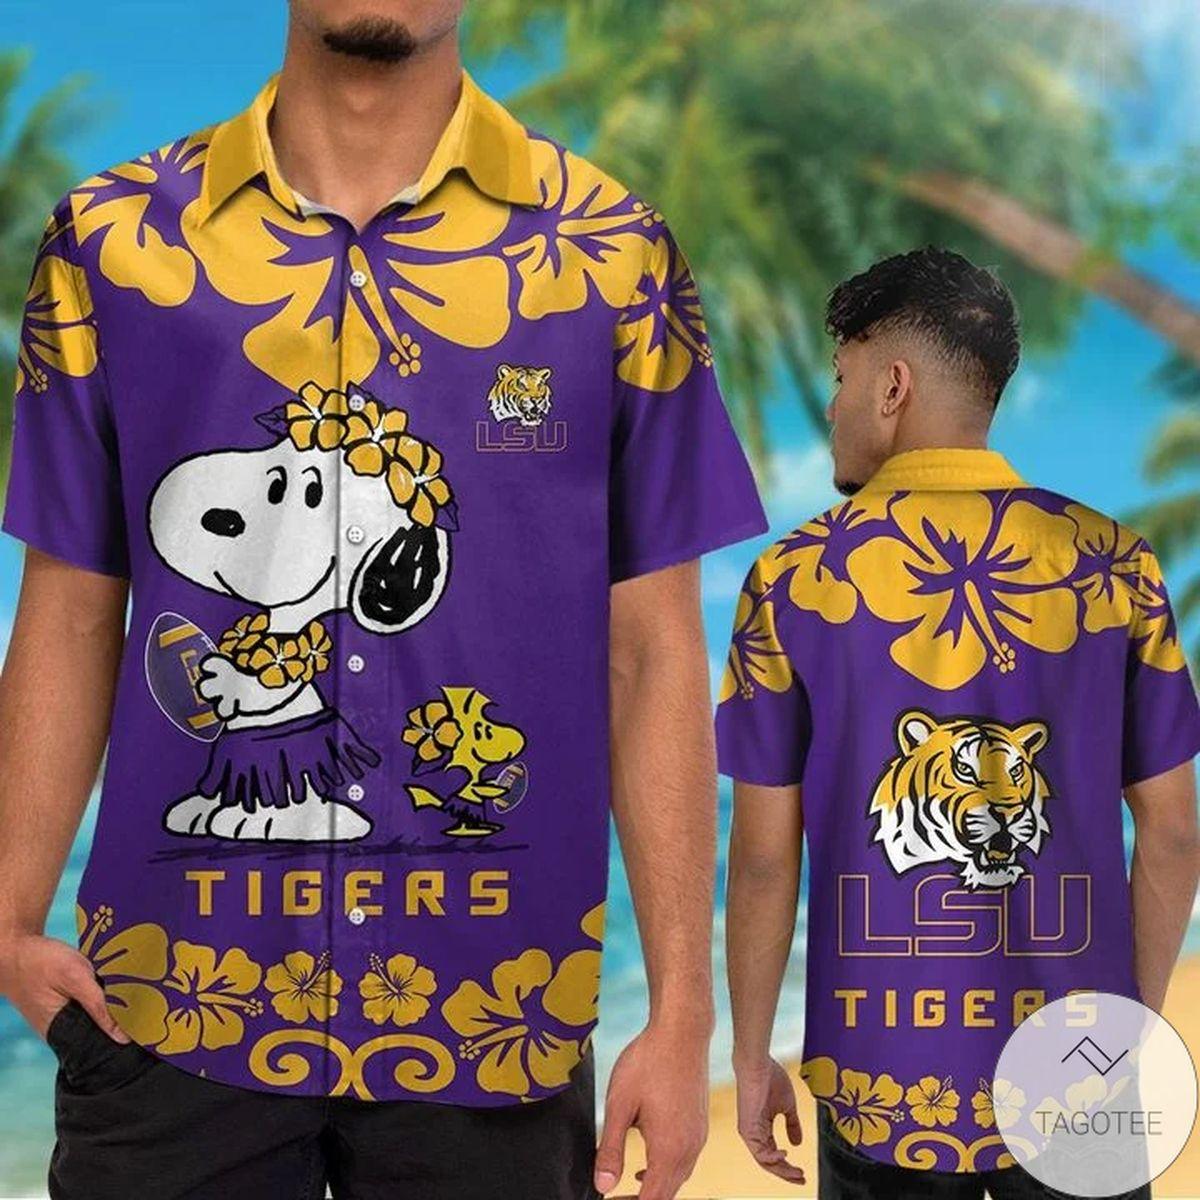 LSU Tigers & Snoopy Hawaiian Shirt